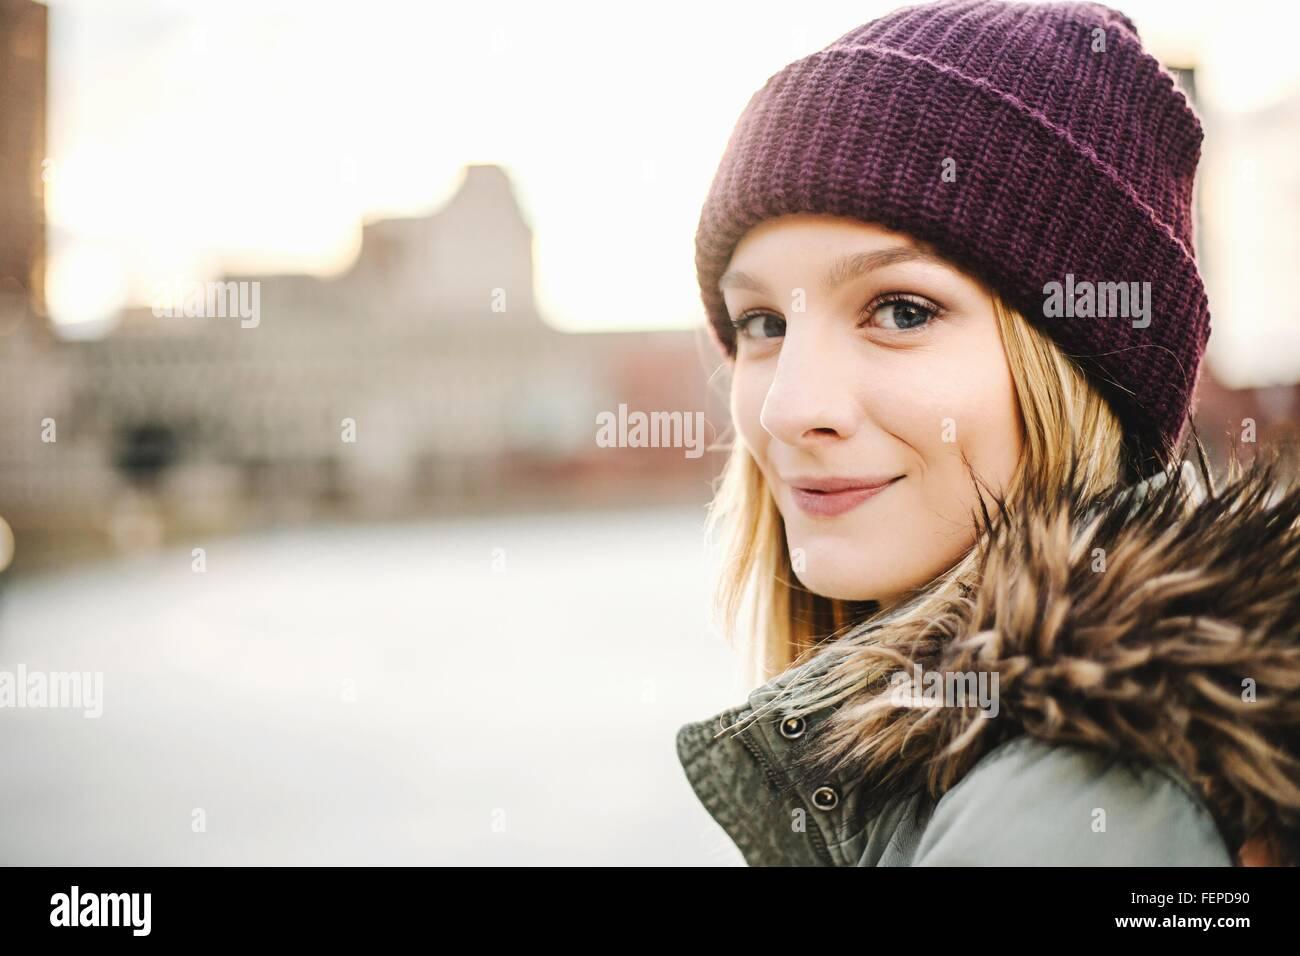 Porträt der jungen Frau mit Mütze und Fell-Kapuze Stockfoto